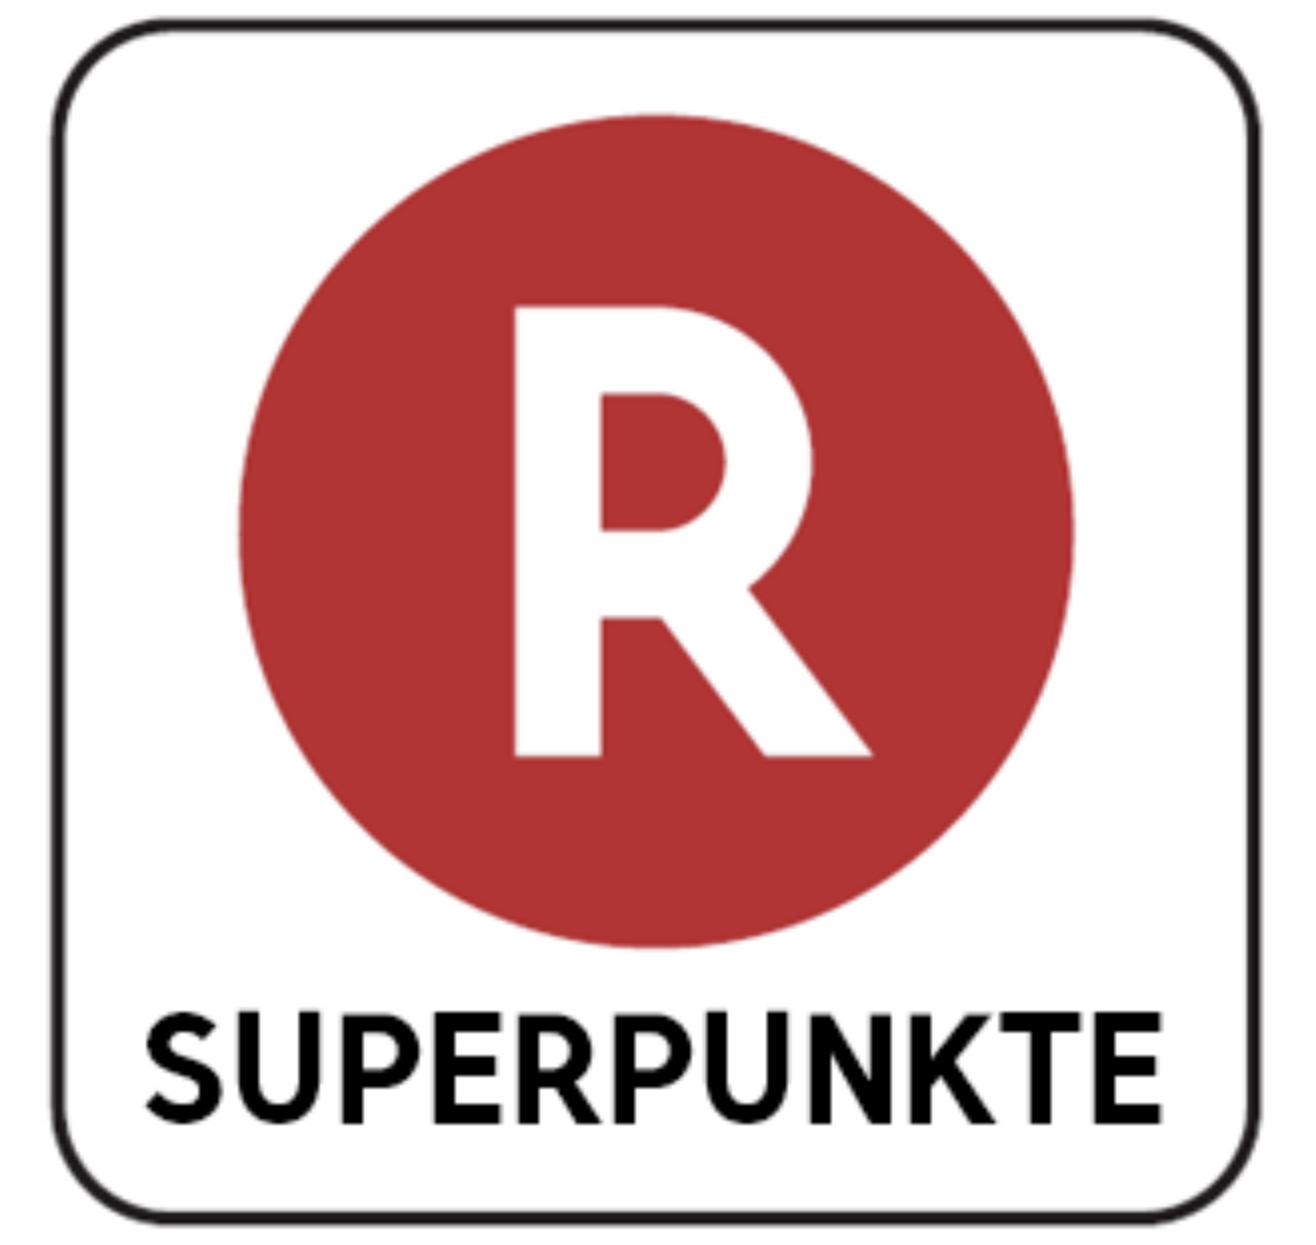 Vorankündigung: 23-fache Superpunkte (Club) bzw. 20-fache Superpunkte bei Rakuten auf alle Produkte teilnehmender Händler ab 20.11.